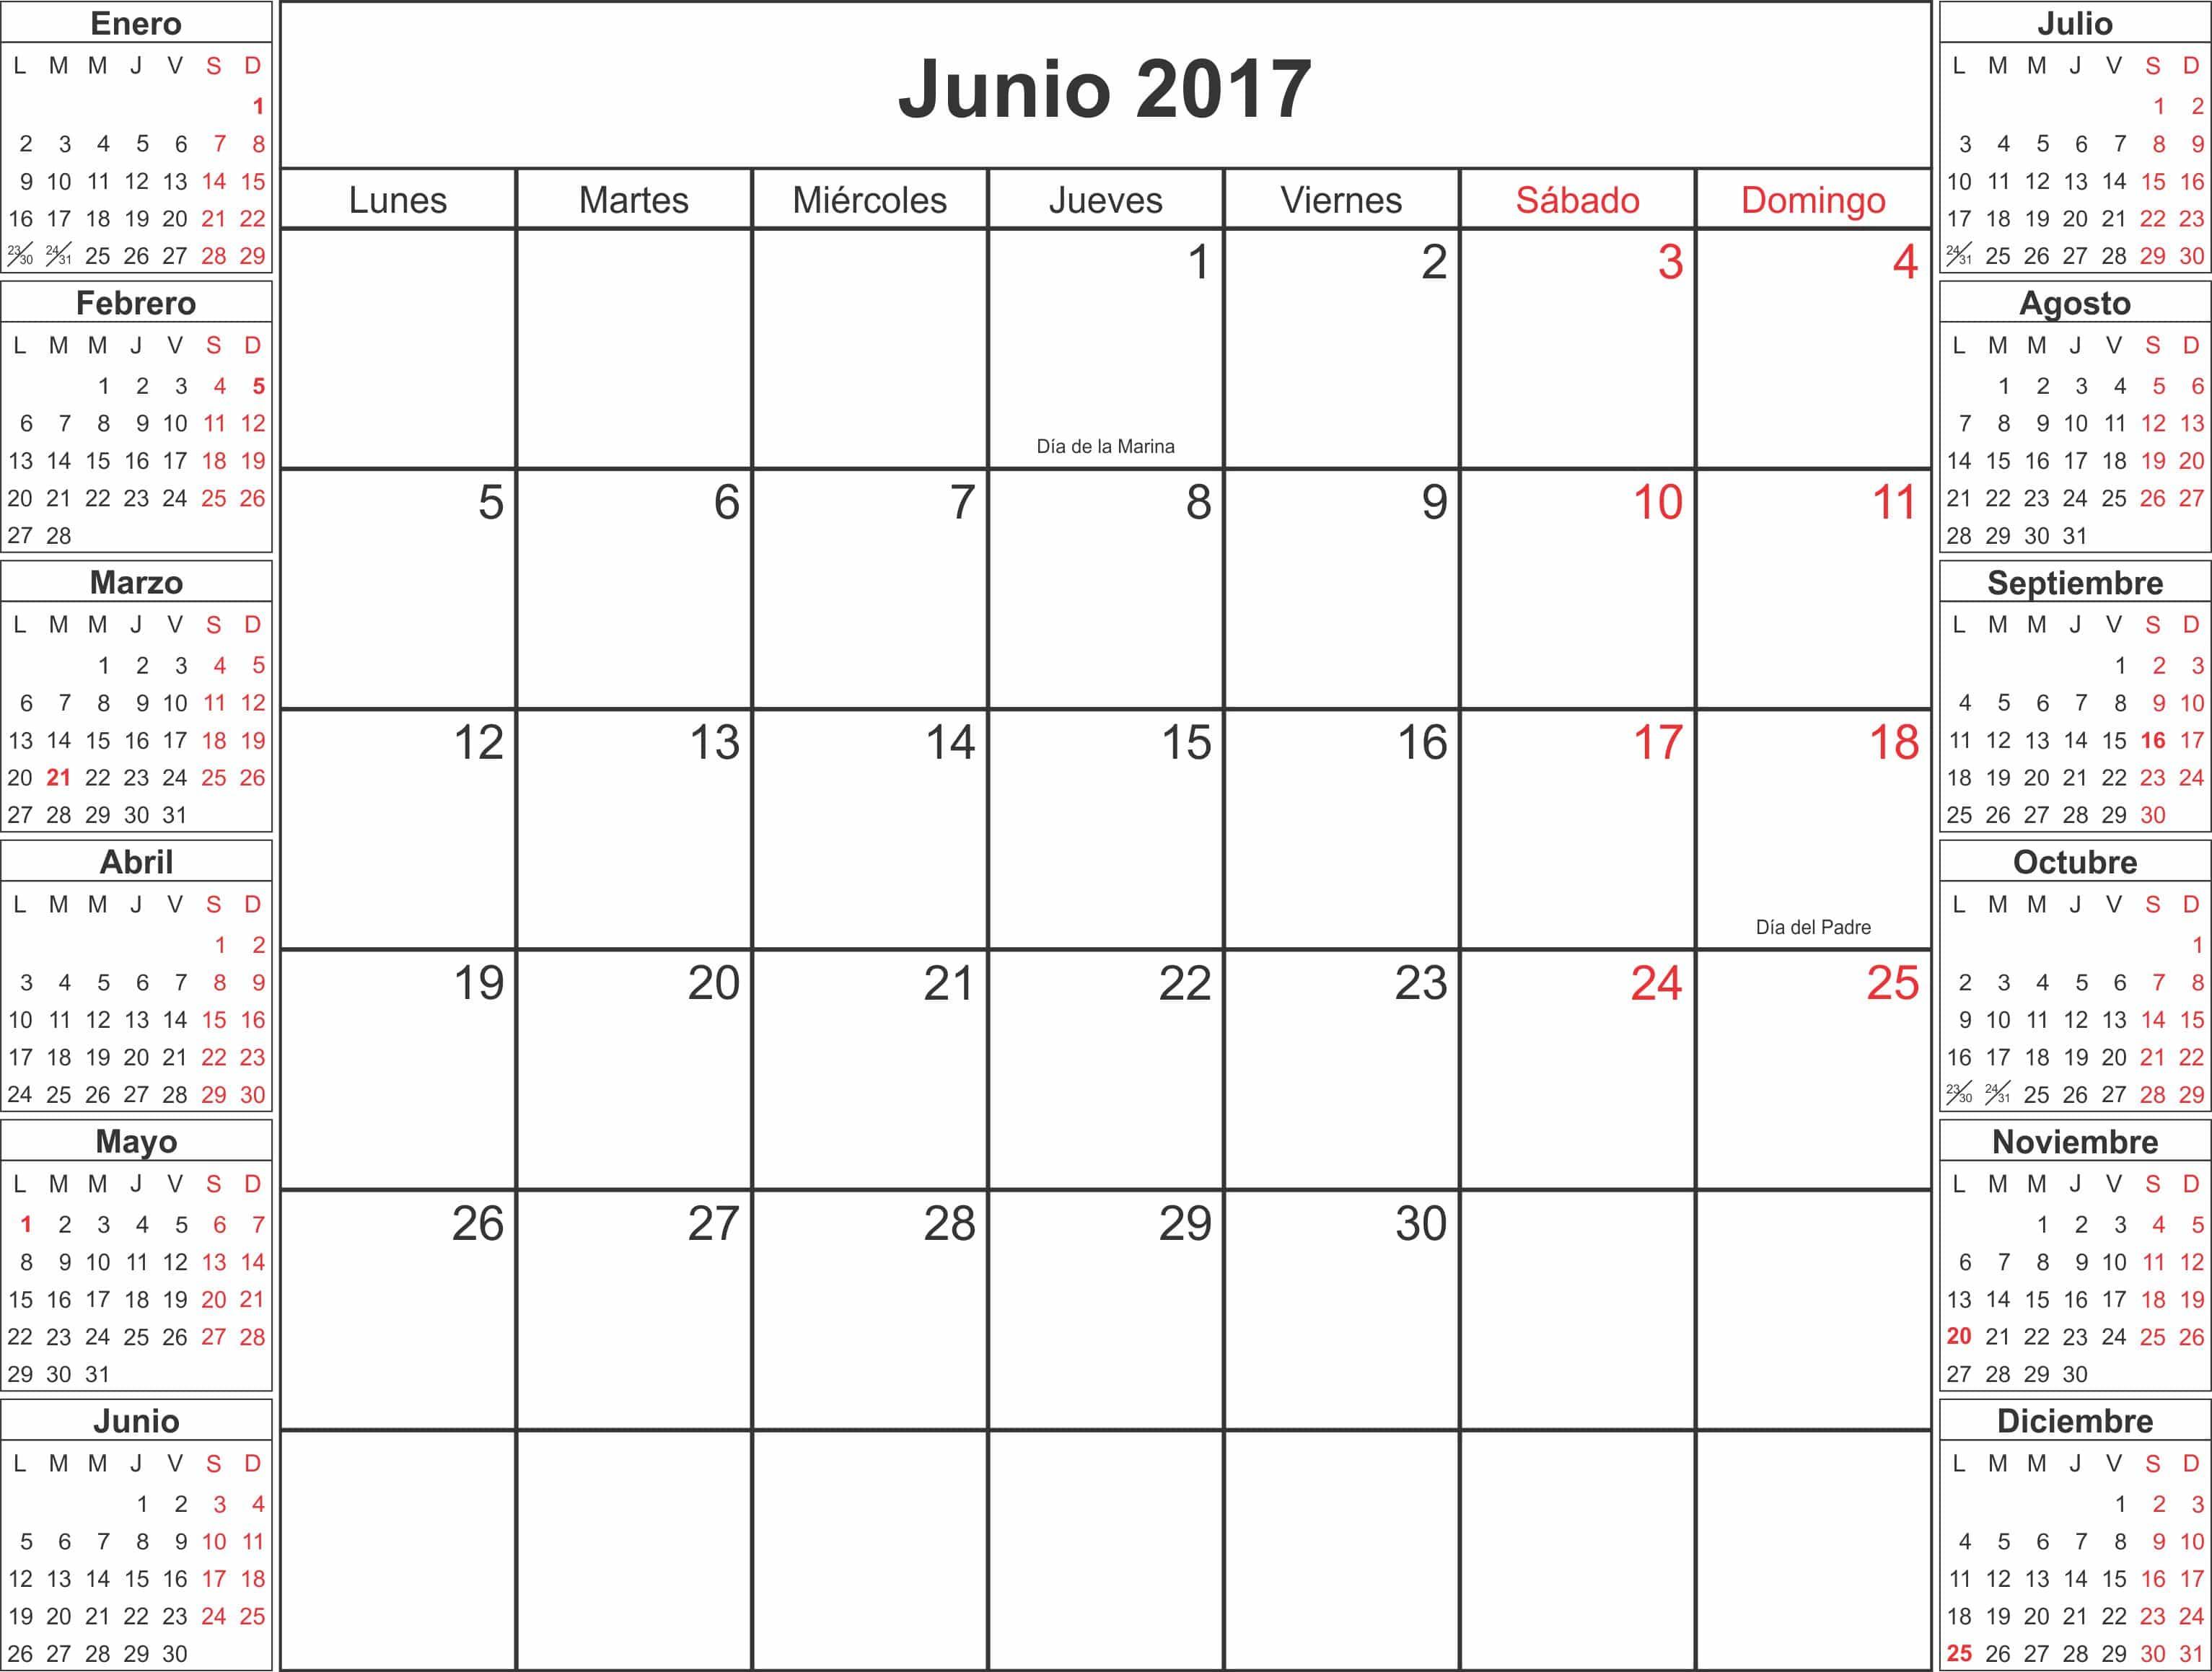 Online June 2017 Calendar Spanish